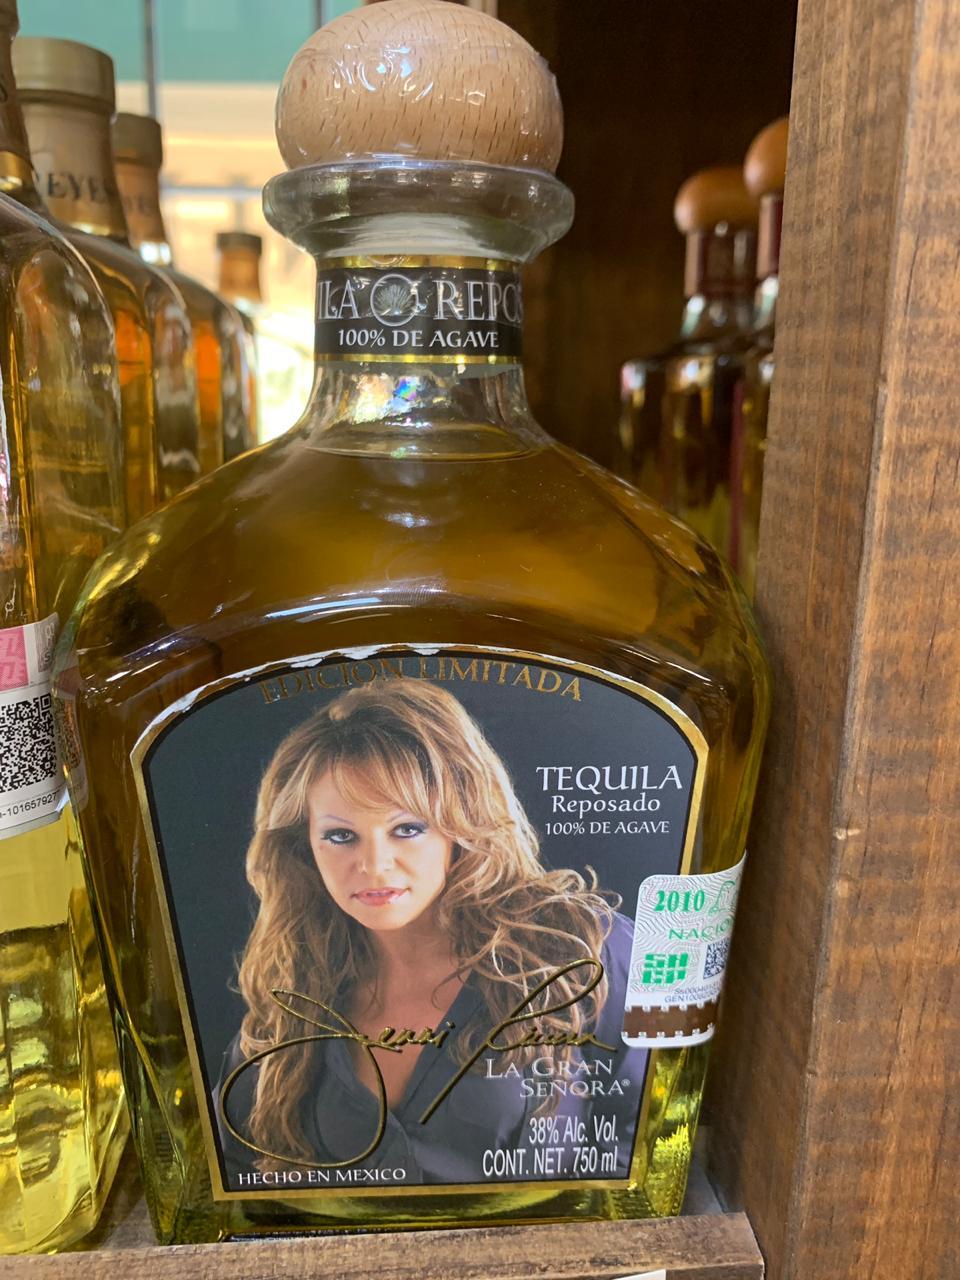 Es común encontrar botellas de tequila de artistas (Foto: Cortesía de Nuestros Dulces)